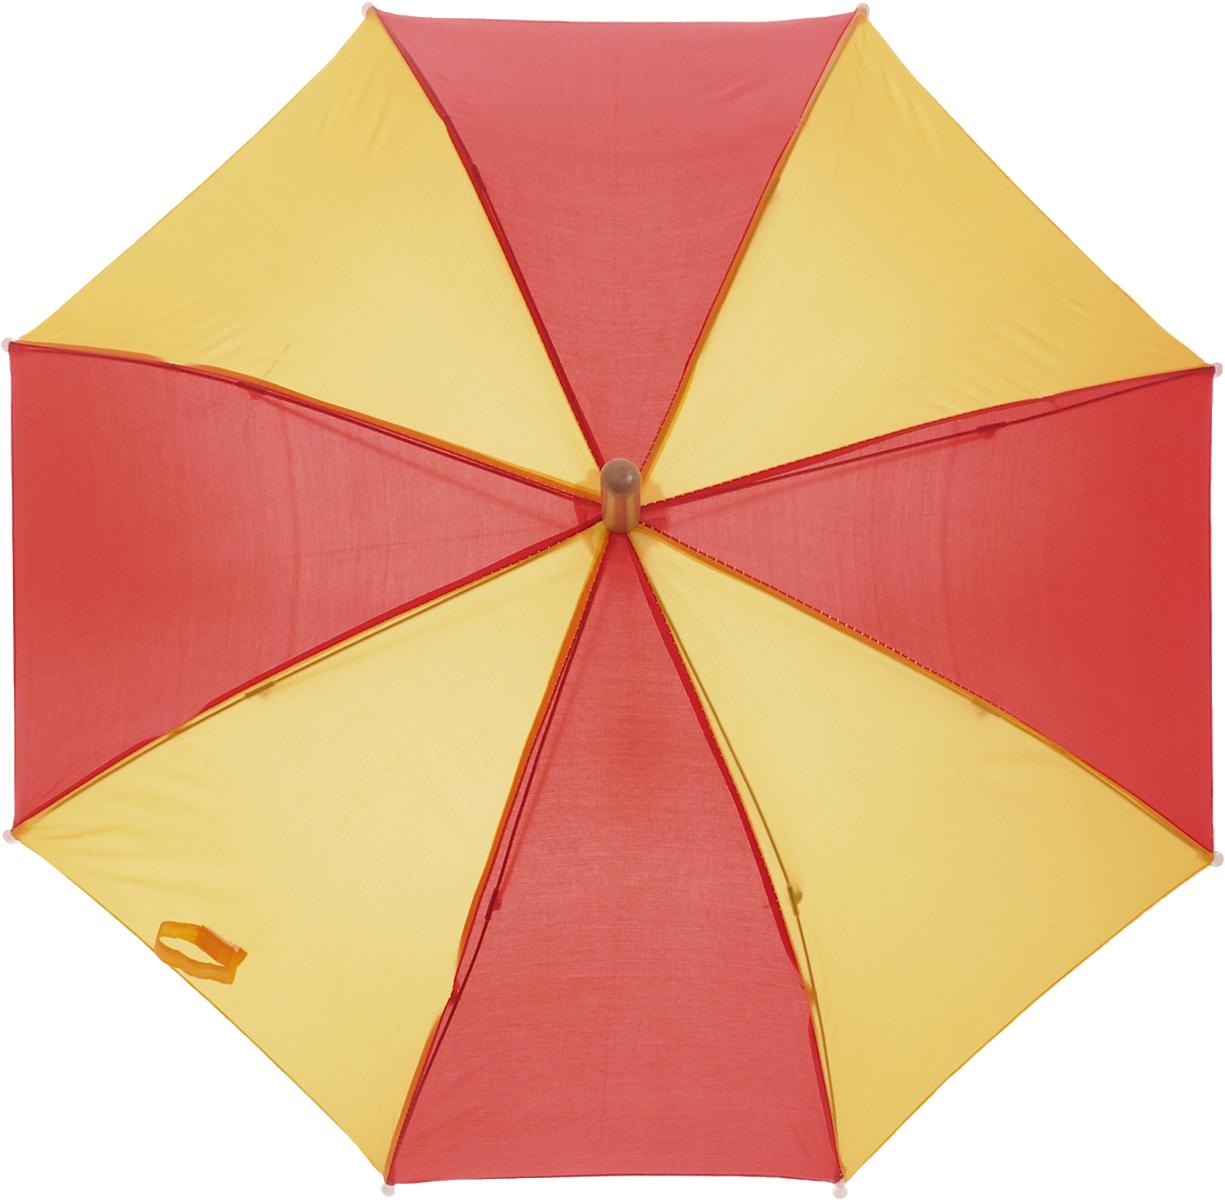 Classic World Зонт ПчелкаБусы-ниткаСовременный зонт Classic World Пчелка защитит от солнечных лучей и осадков вашего ребенка.Зонт оснащен жесткими спицами, которые препятствуют его деформации под действием ветра. Благодаря оригинальному и яркому дизайну ваш малыш всегда будет выглядеть стильно, а удобная рукоятка выполненная в виде веселой пчелки не даст его потерять.Рекомендуется детям от трех лет.